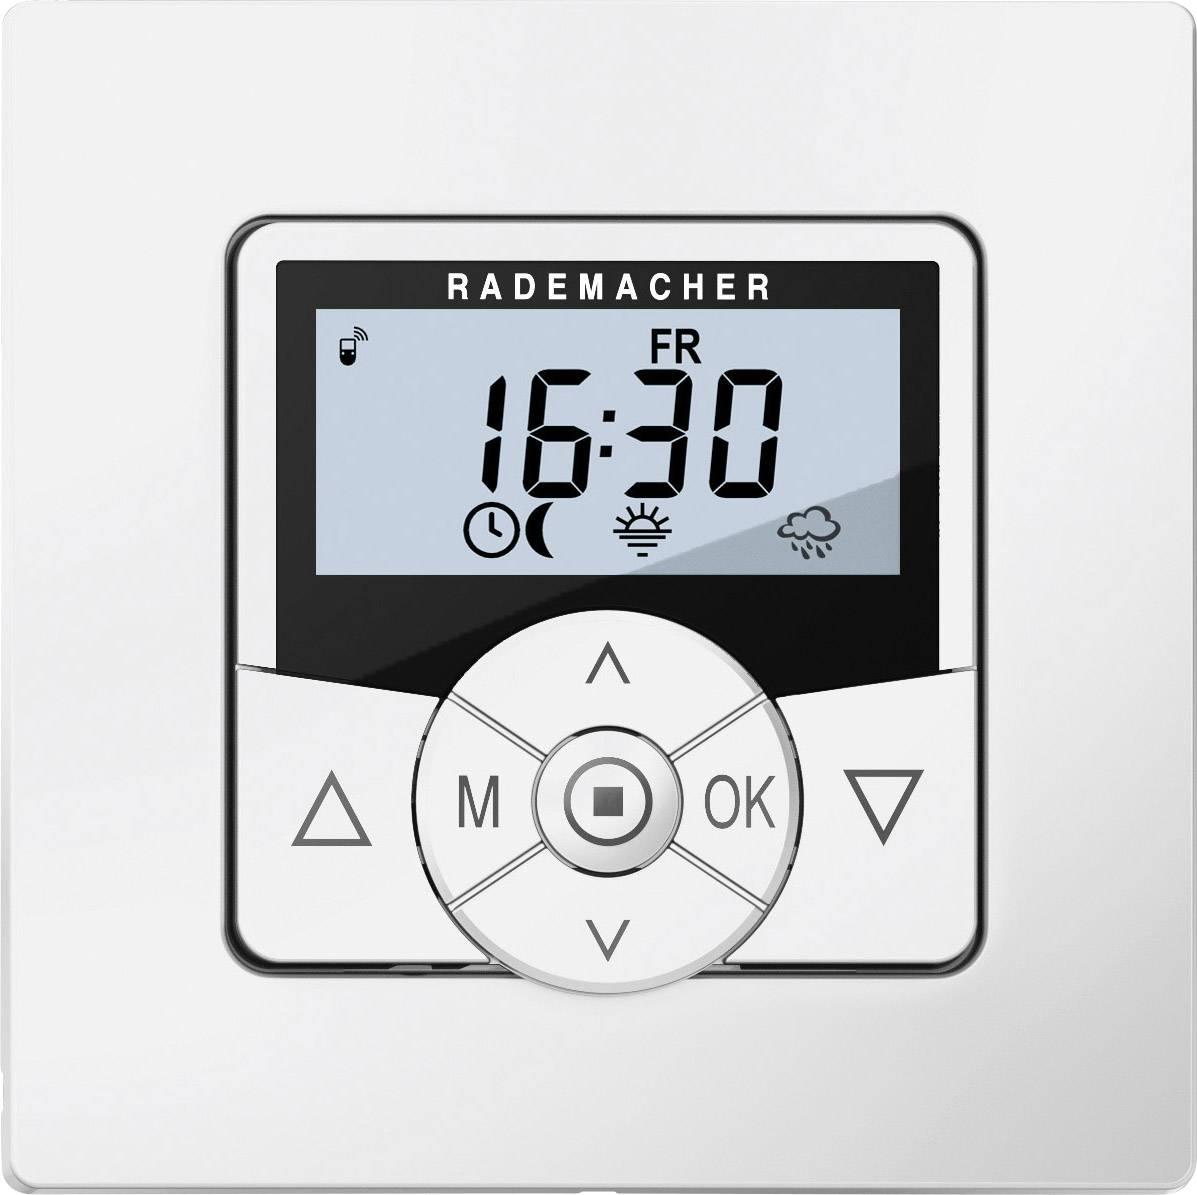 Bezdrôtový vypínač pod omietku WR Rademacher Rademacher DuoFern Troll Comfort 5665-UW 36500572